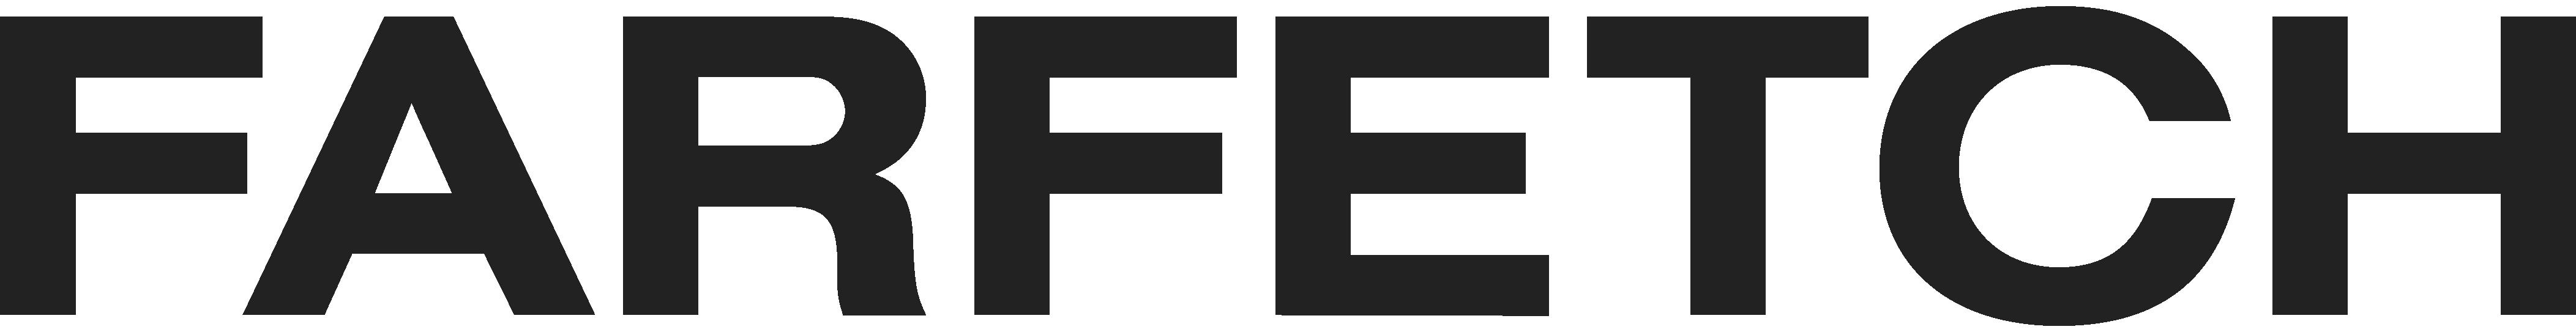 Image ff